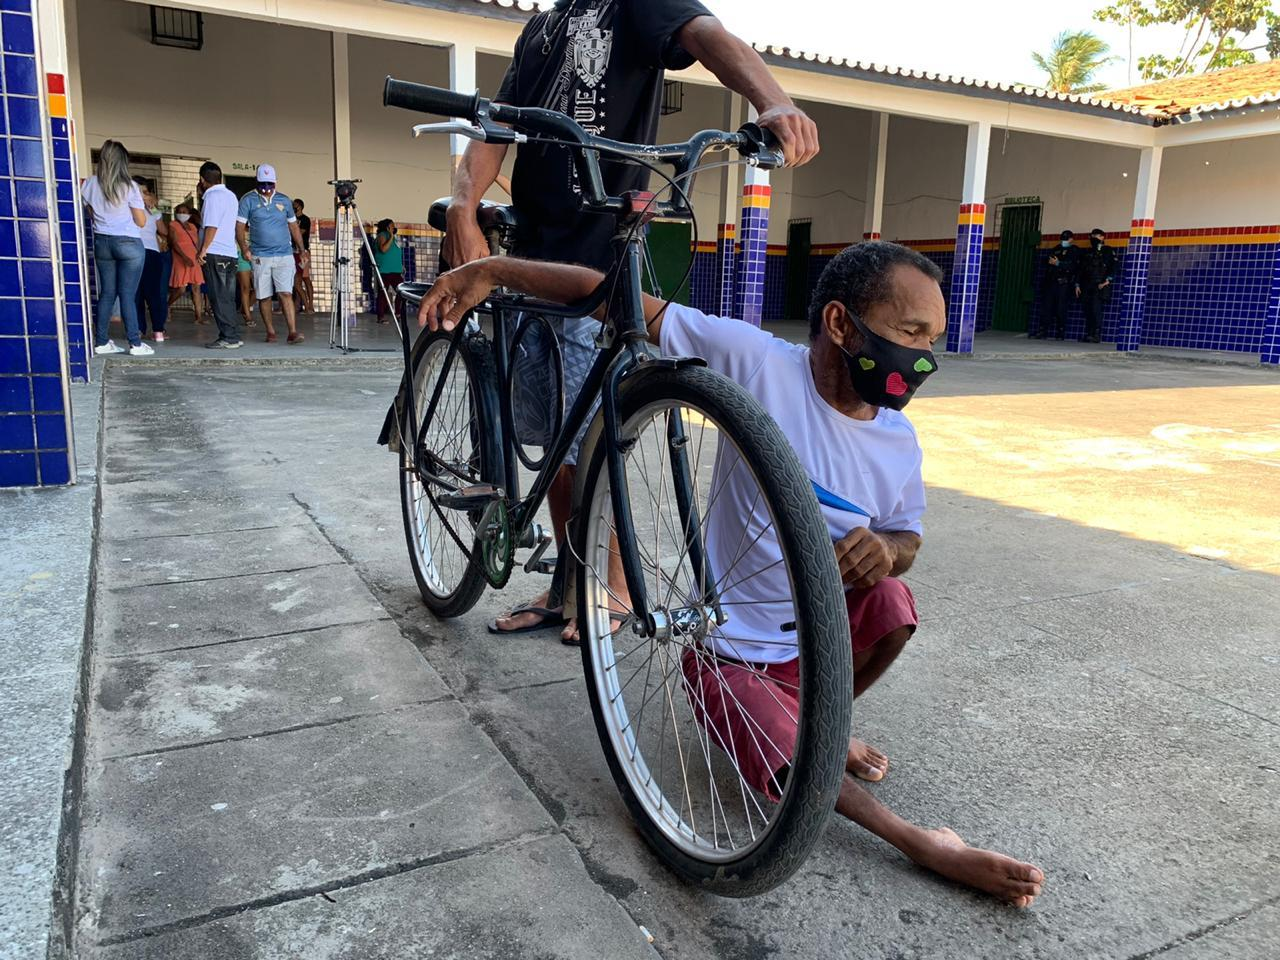 Eleitor com dificuldade de mobilidade sentado no chão ao lado da bicicleta do irmão